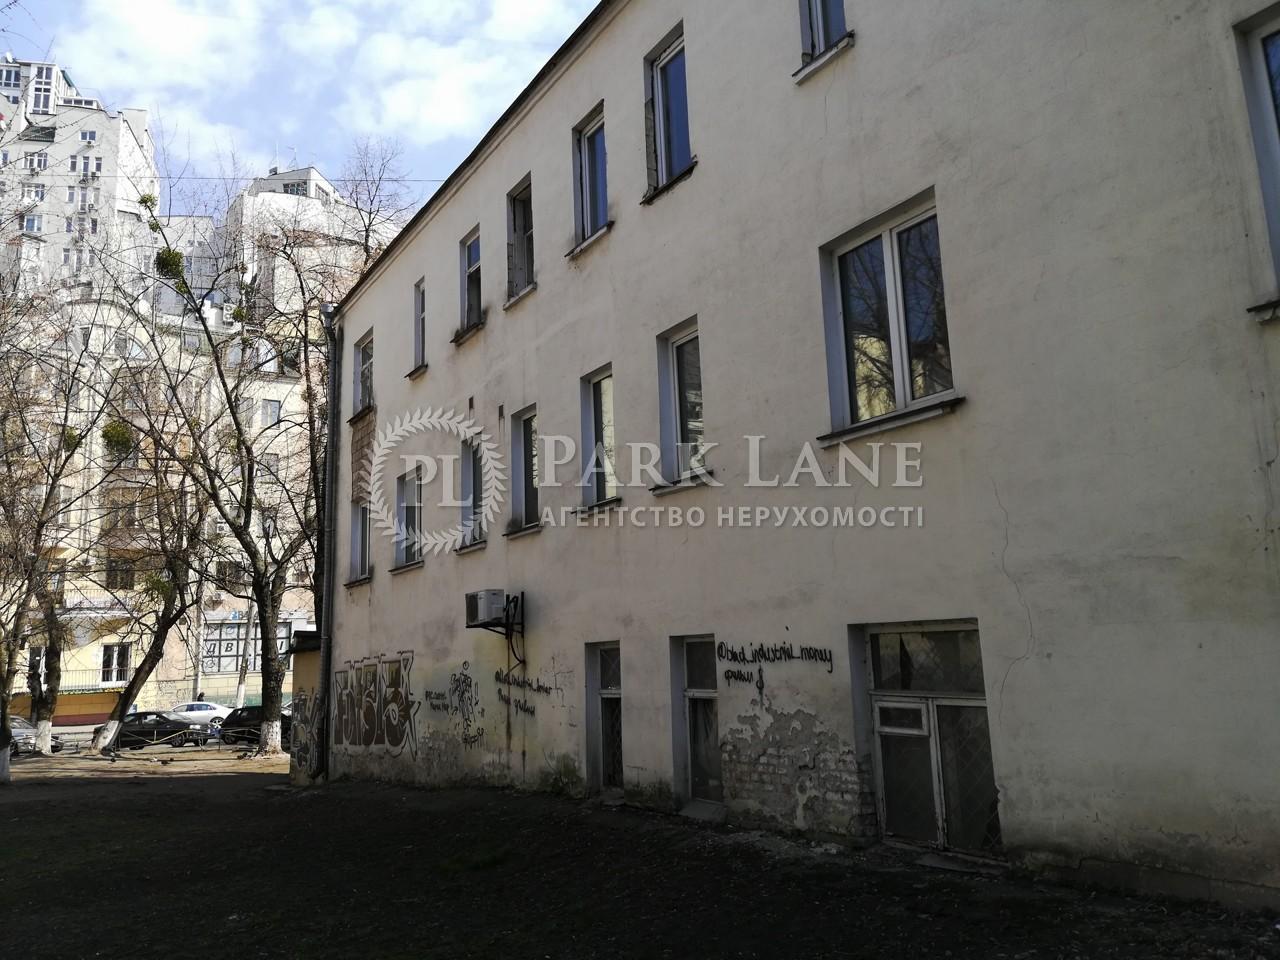 Нежилое помещение, ул. Дмитриевская, Киев, K-27702 - Фото 11